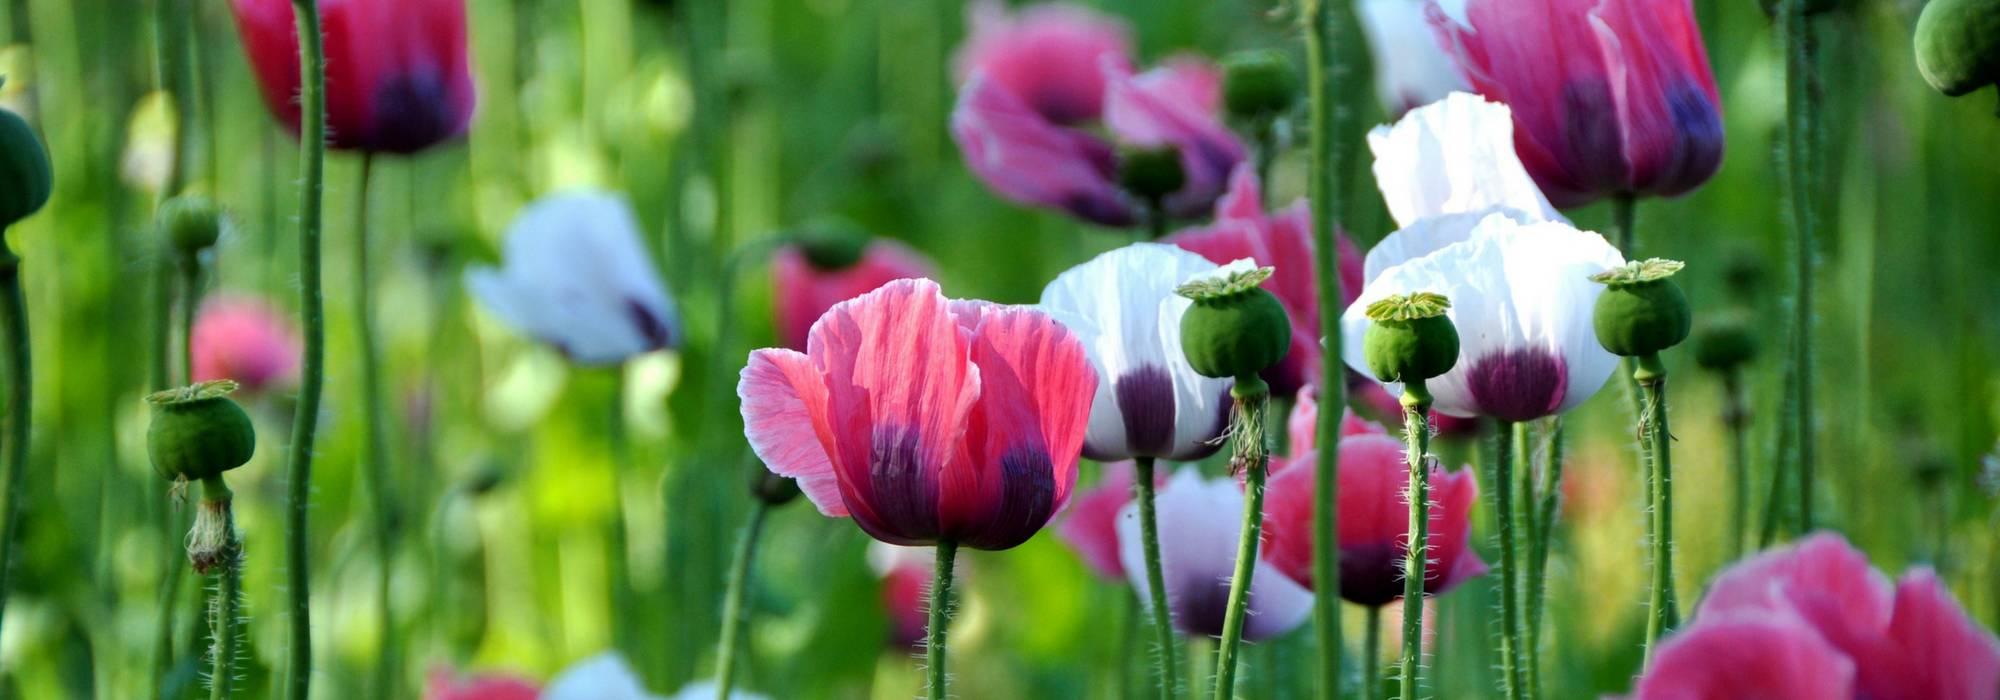 Planter Des Coquelicots Dans Son Jardin coquelicots et pavots annuels : semer, cultiver et